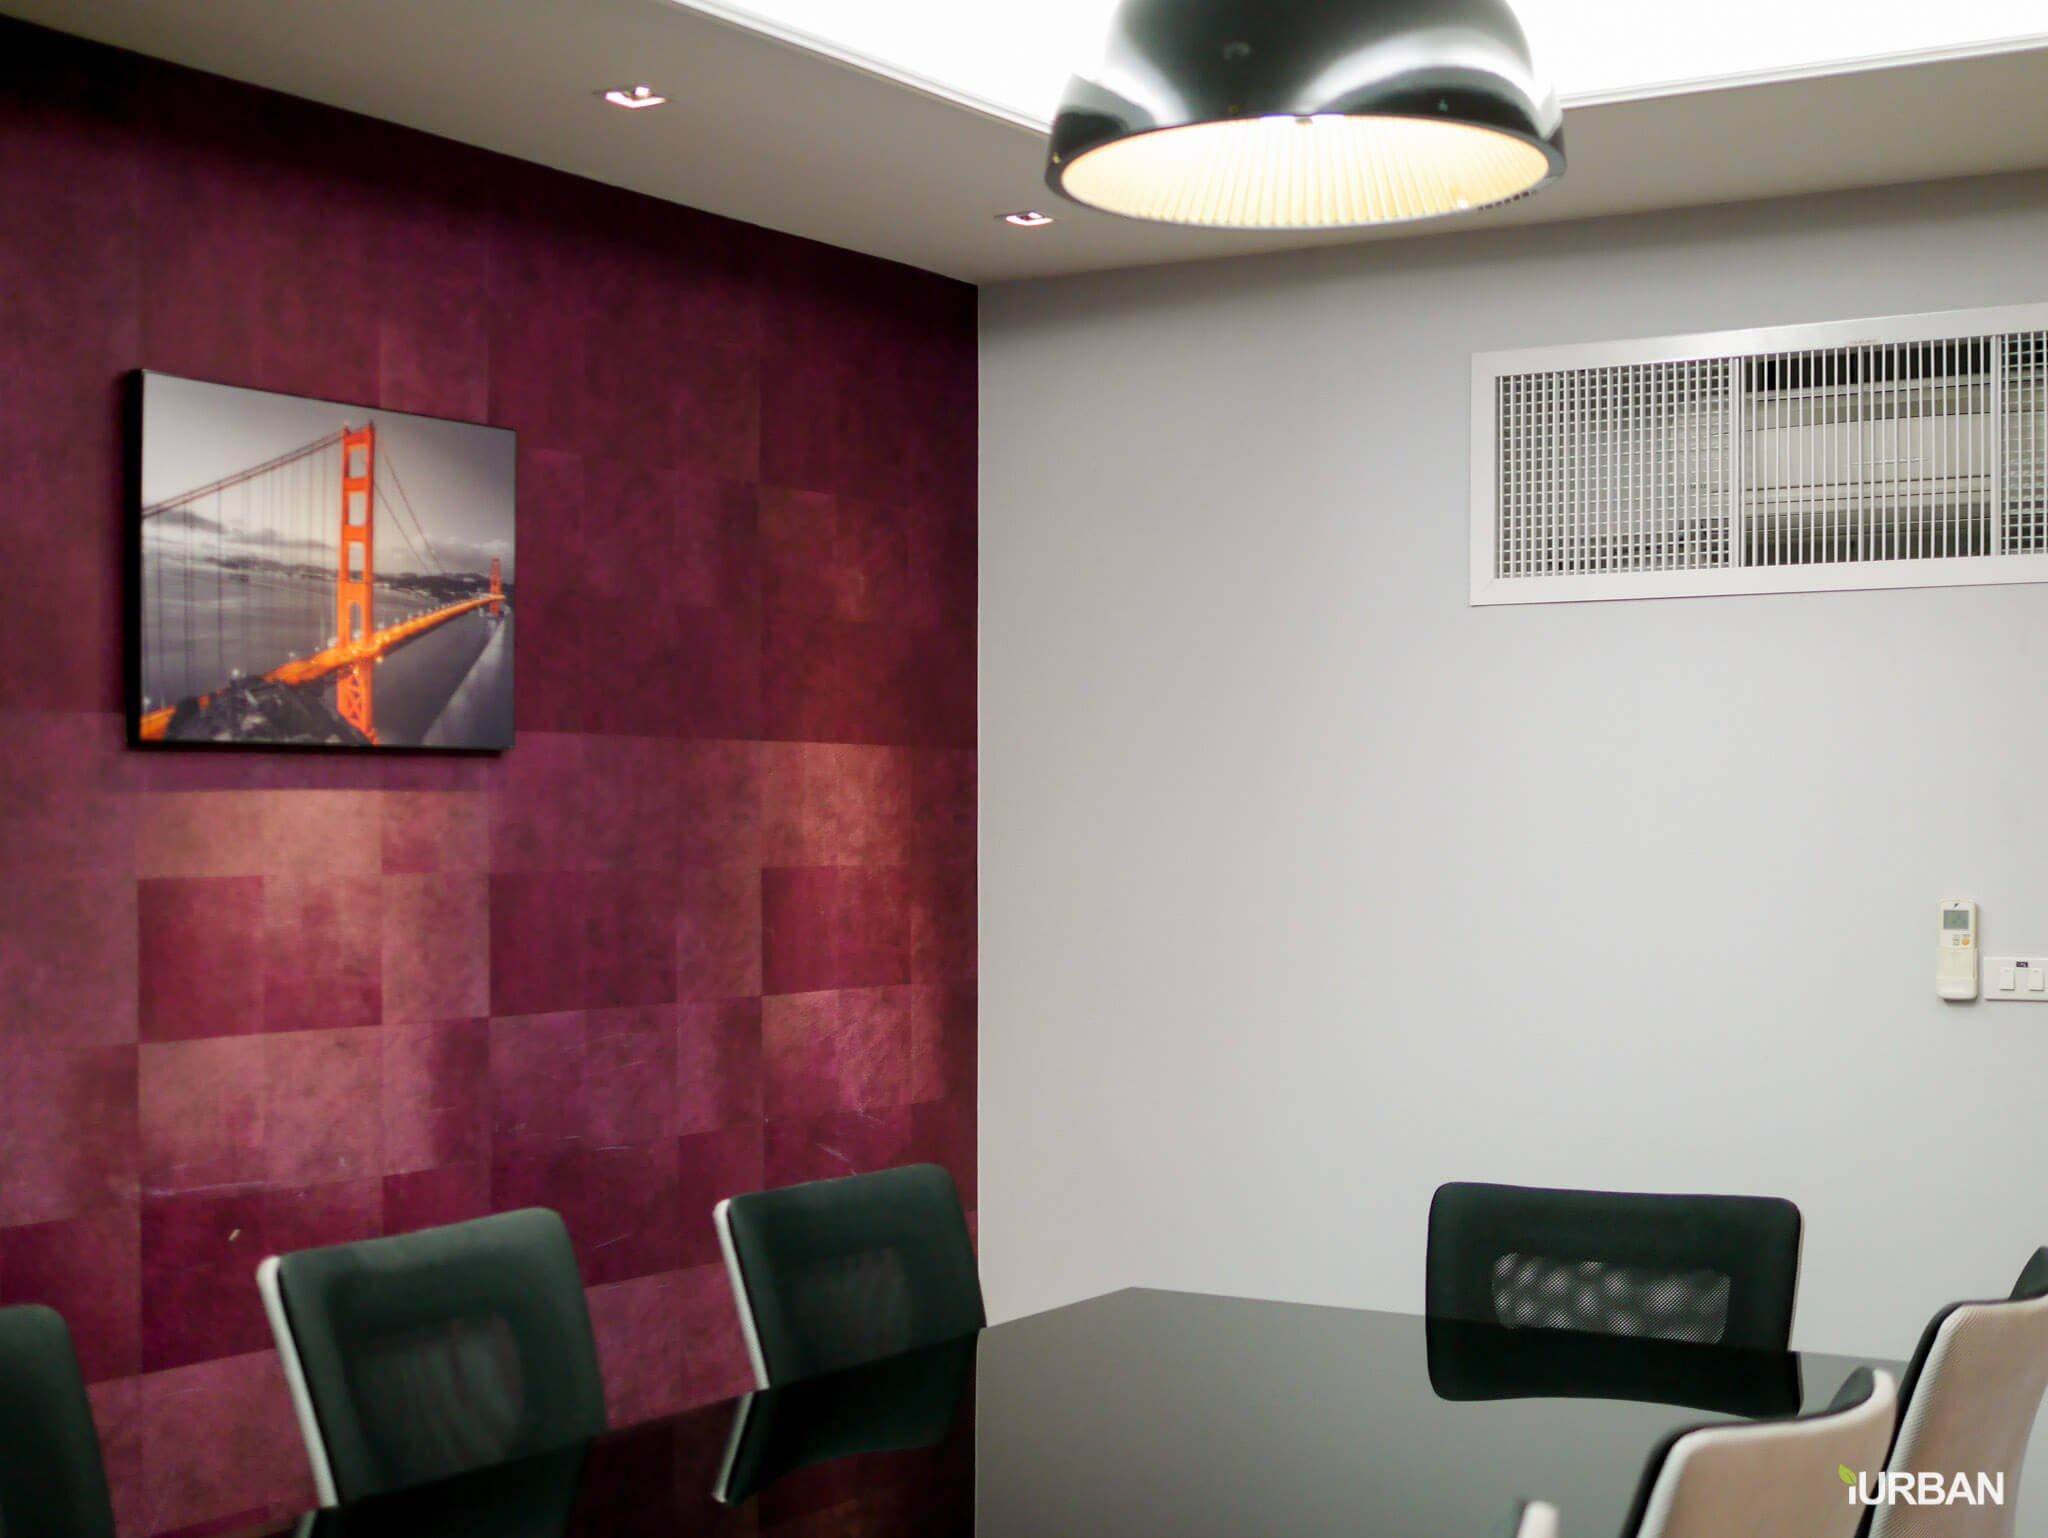 ถ้า Co-Working เปิดบริษัทไม่ได้ Biz Concierge ทำได้ ออฟฟิศ Start Up ใจกลางเมือง เริ่มแค่หลักพัน 37 - Business